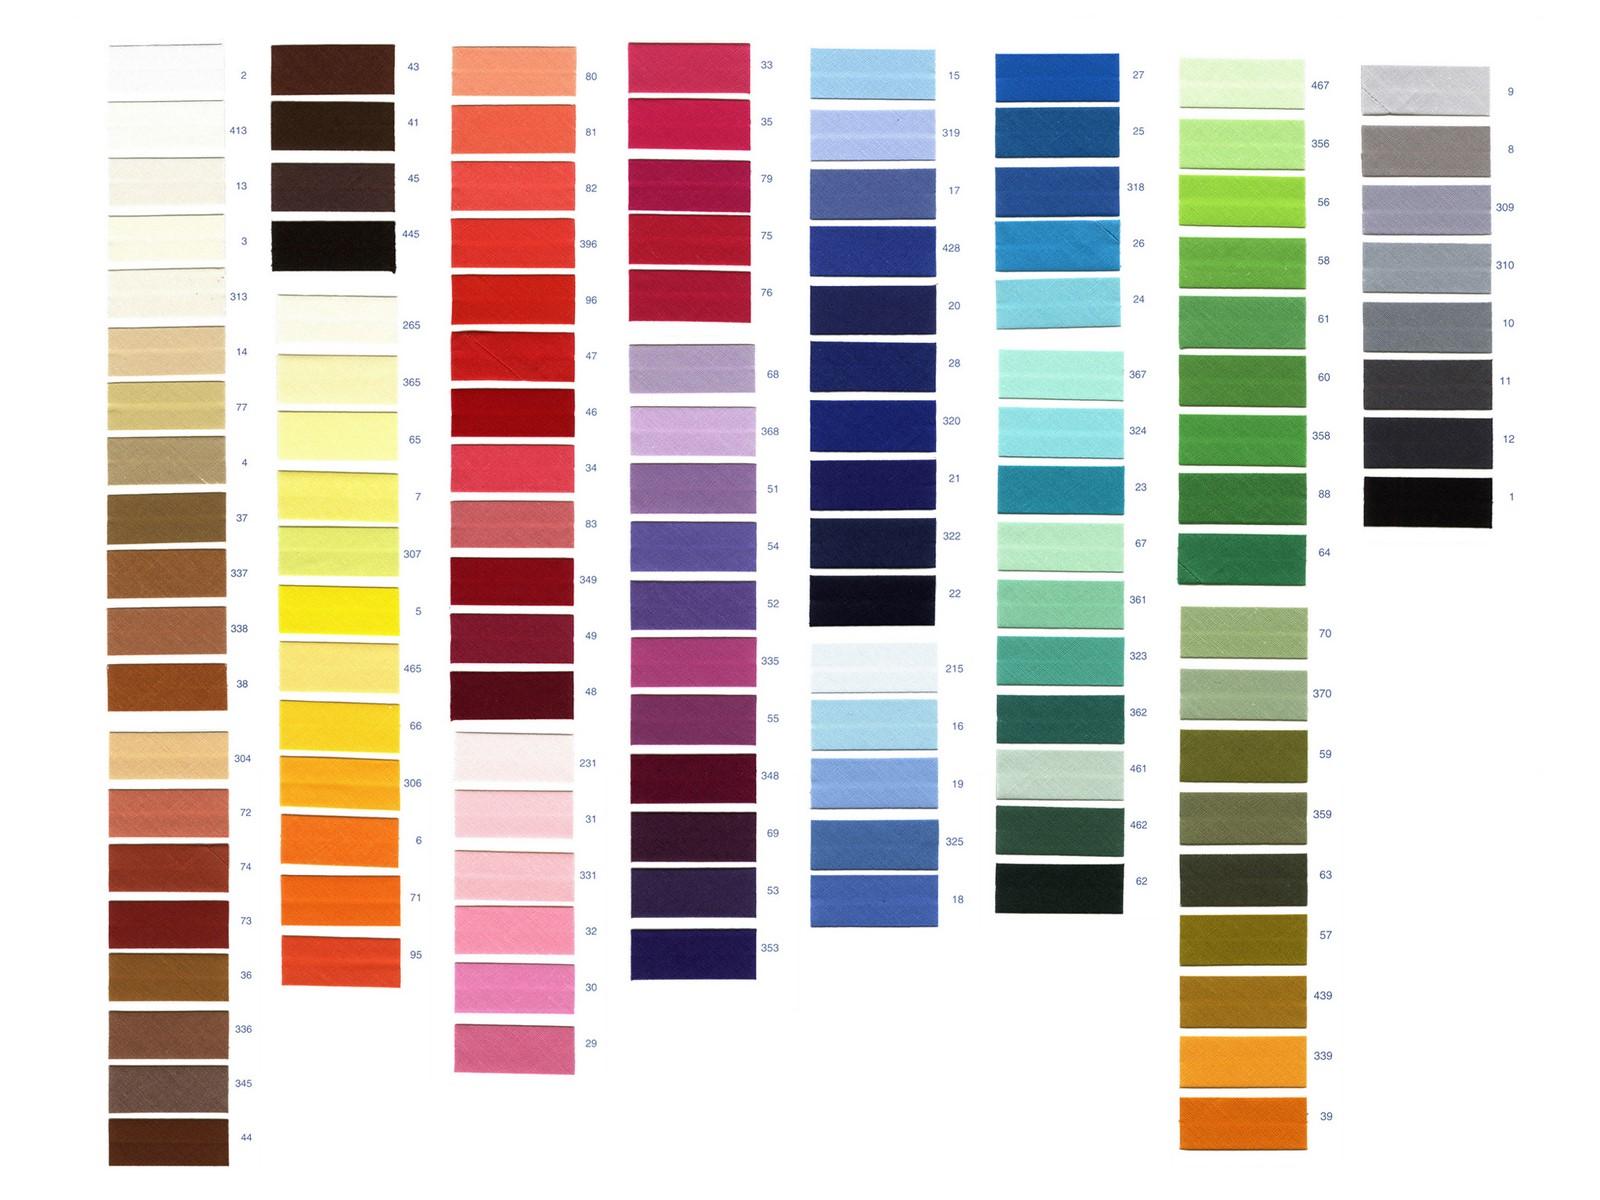 Bies 7411 batista 126 colores